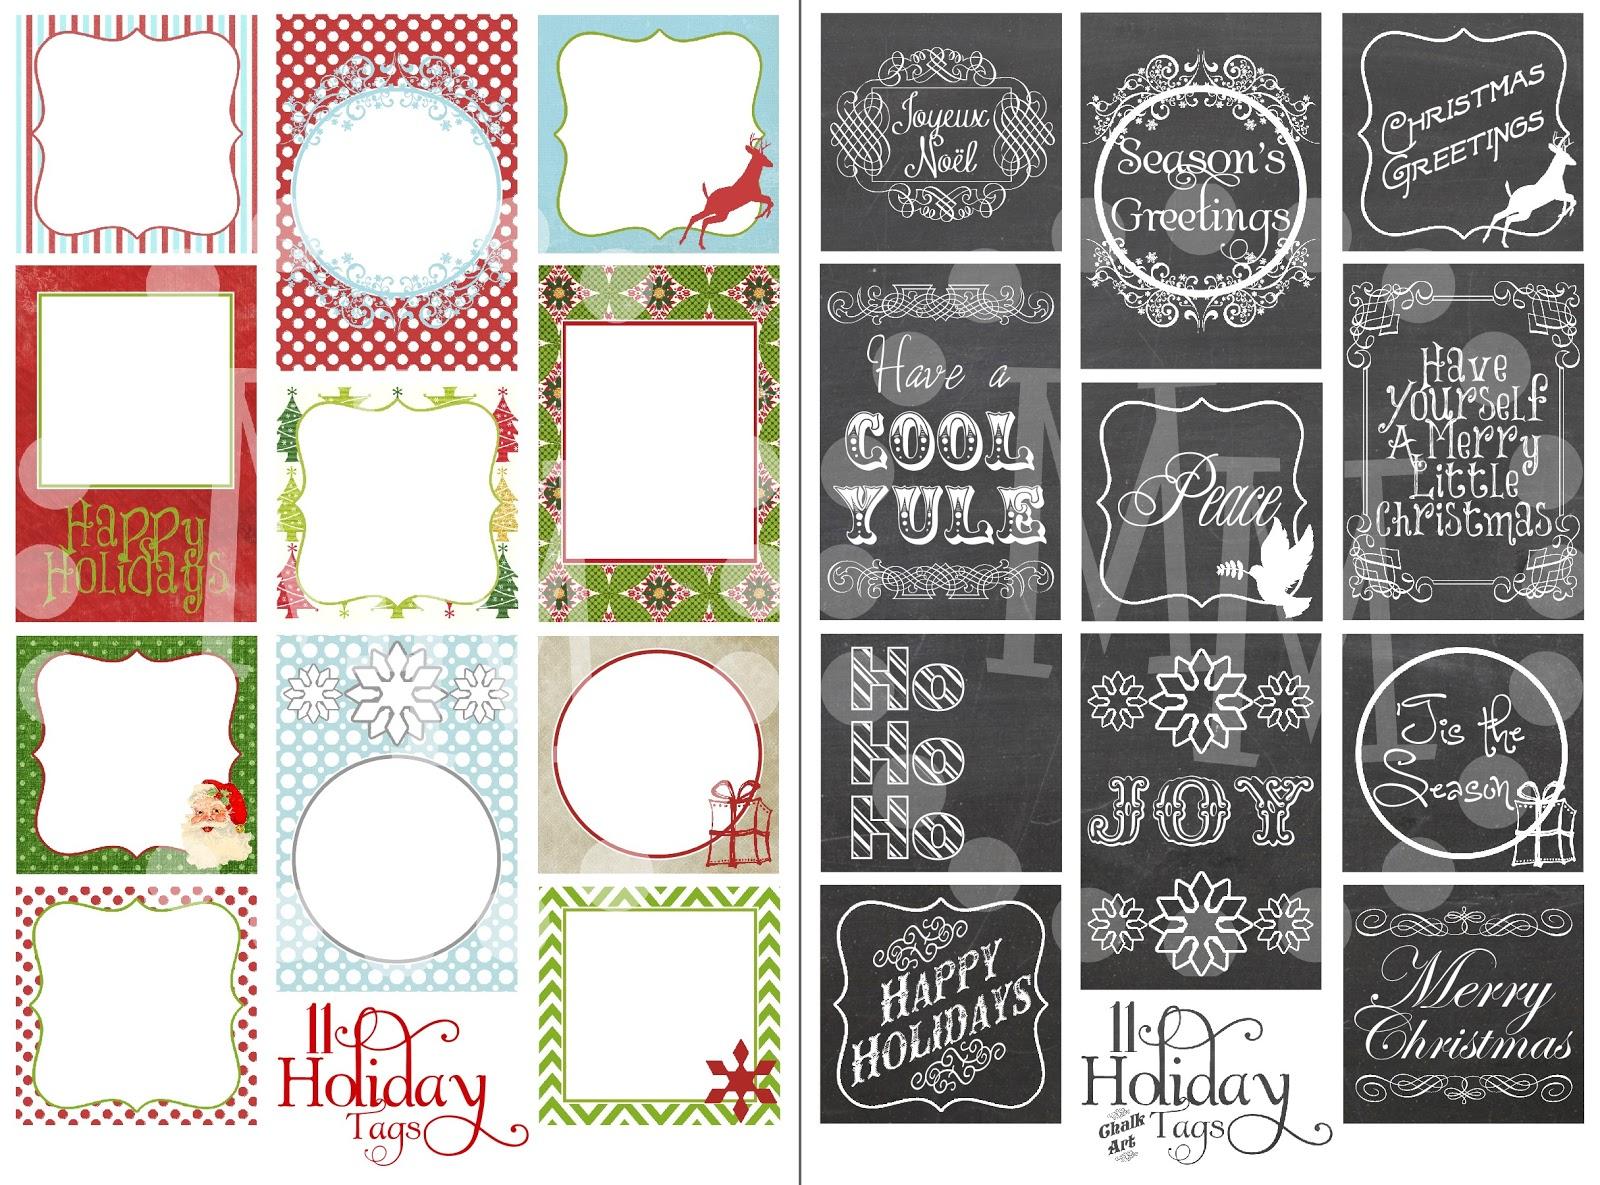 Printable Blank Christmas Gift Tags – Merry Christmas And Happy New ...